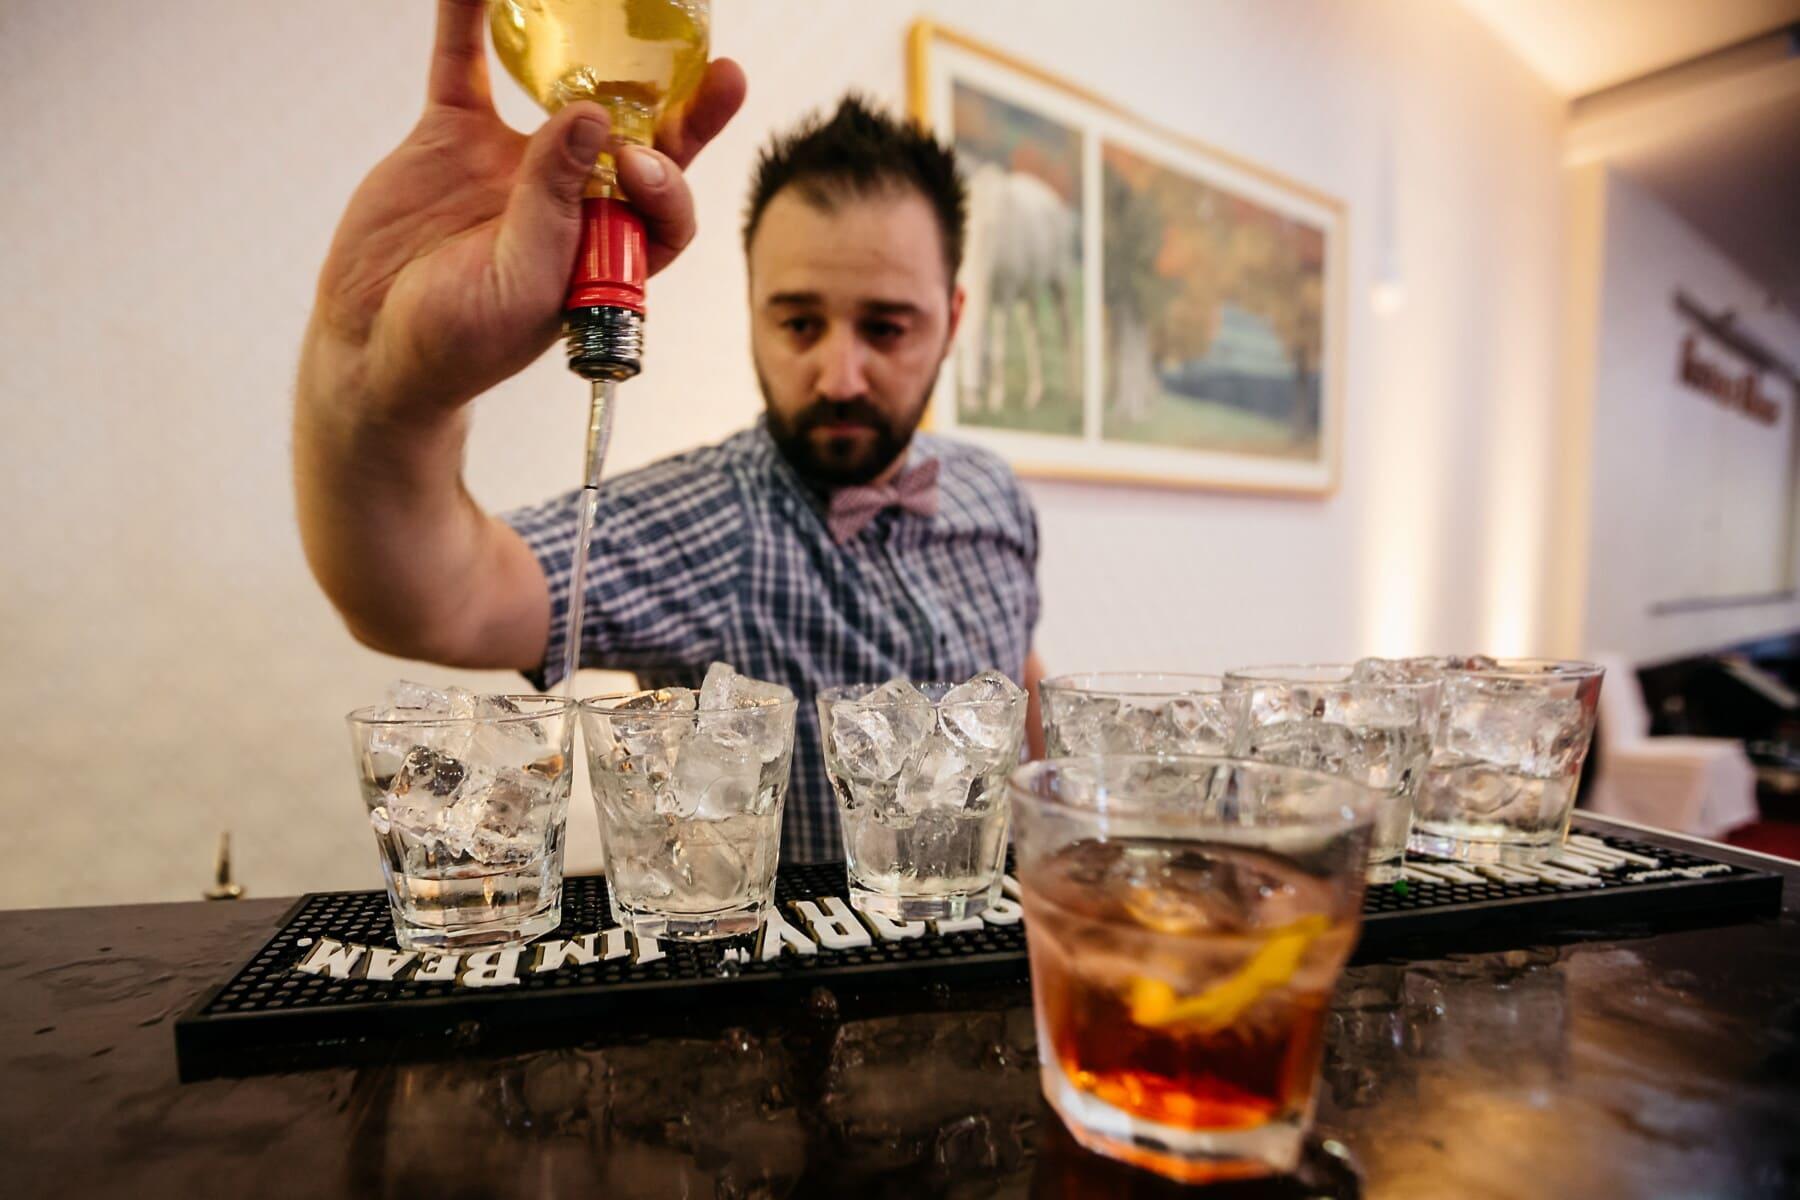 boîte de nuit, barman, cocktails, alcool, cristal de glace, boisson, verre, boisson, homme, gens